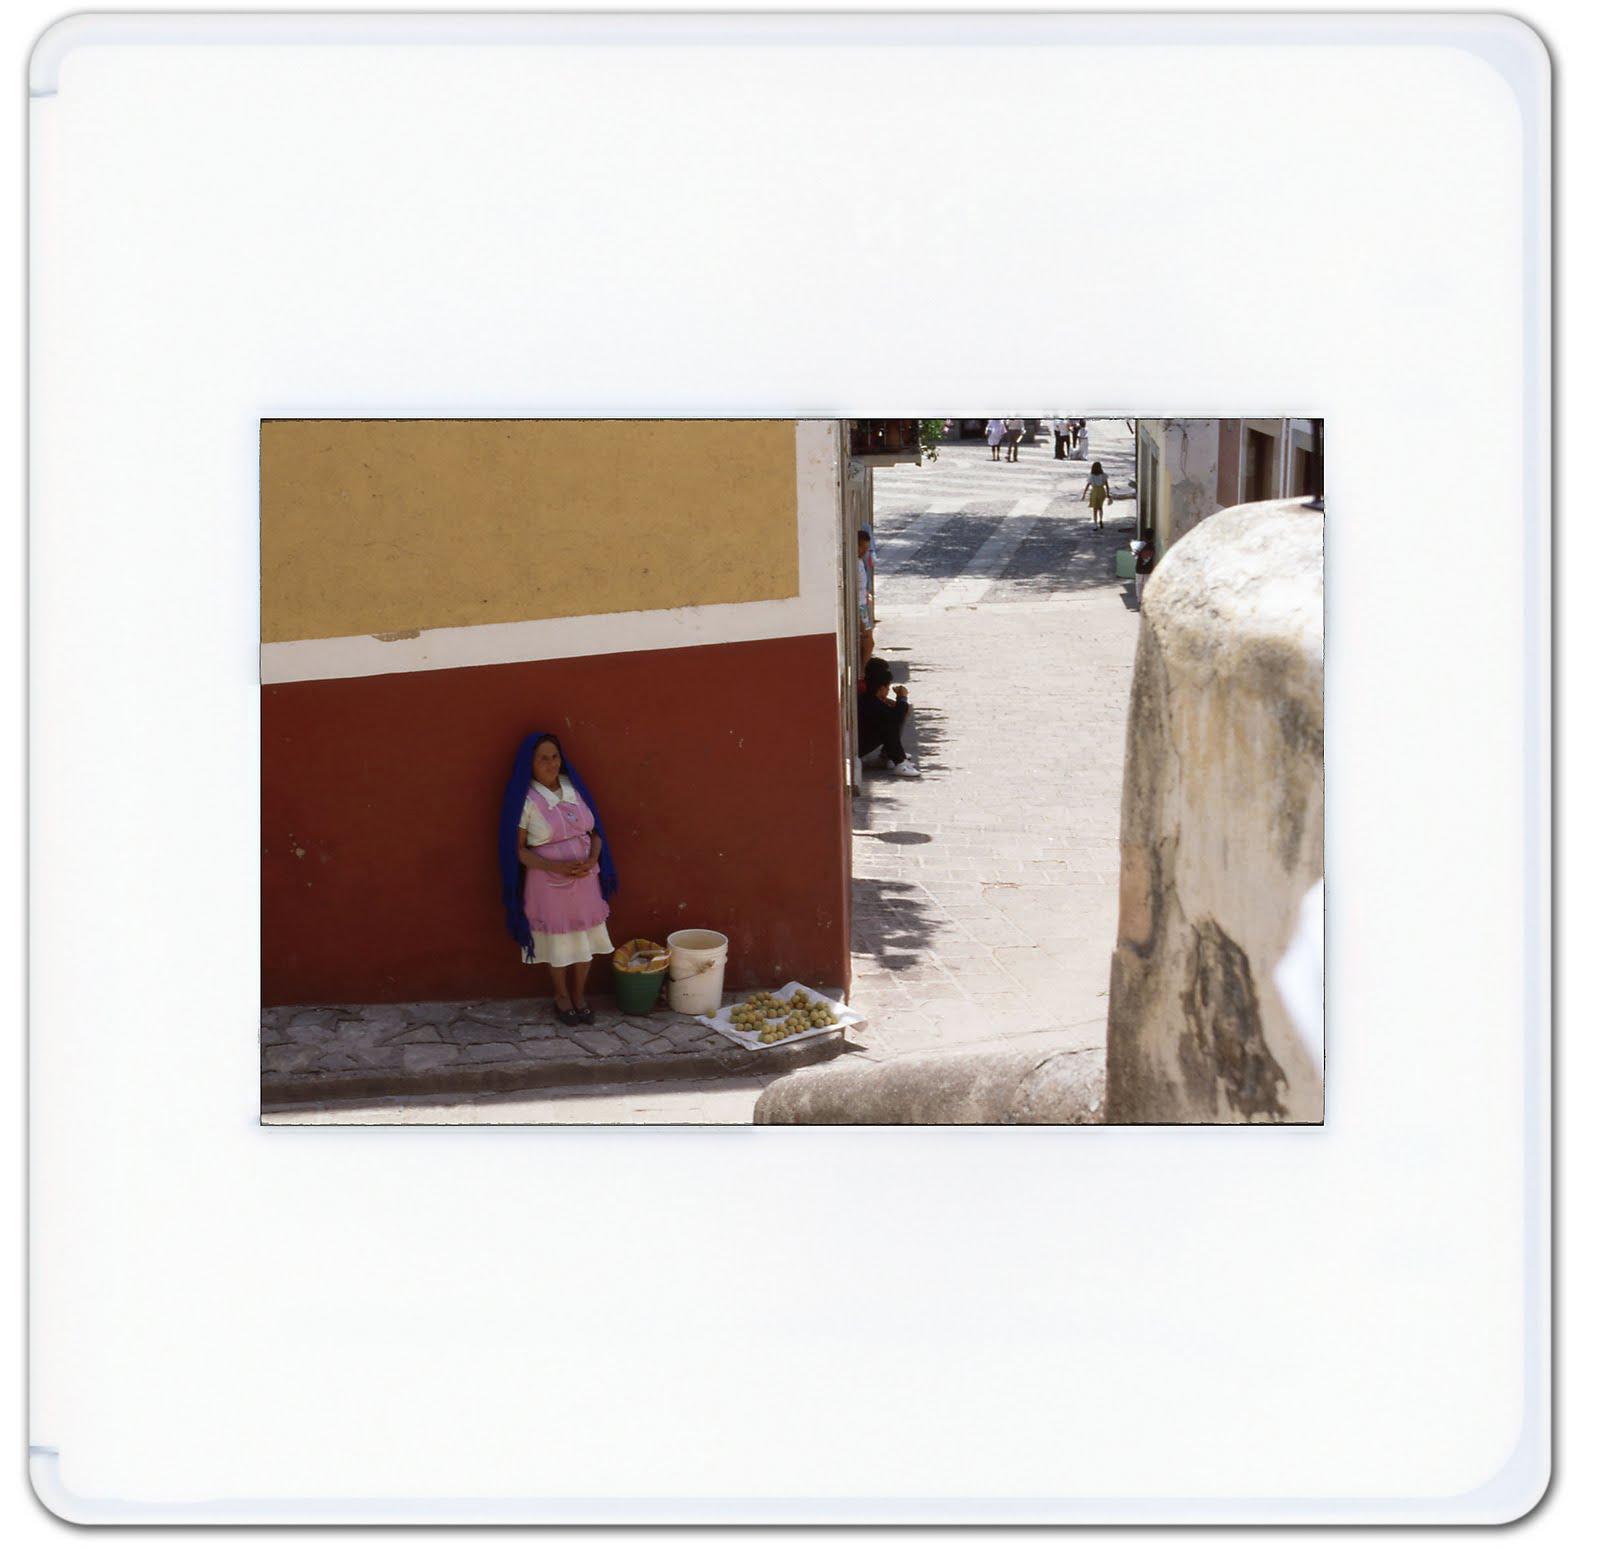 http://2.bp.blogspot.com/-q1Sao1STTgc/TV2T0JdKlTI/AAAAAAAAFUo/1rGihXskix0/s1600/MeX%2540Southsiders1989-08.jpg